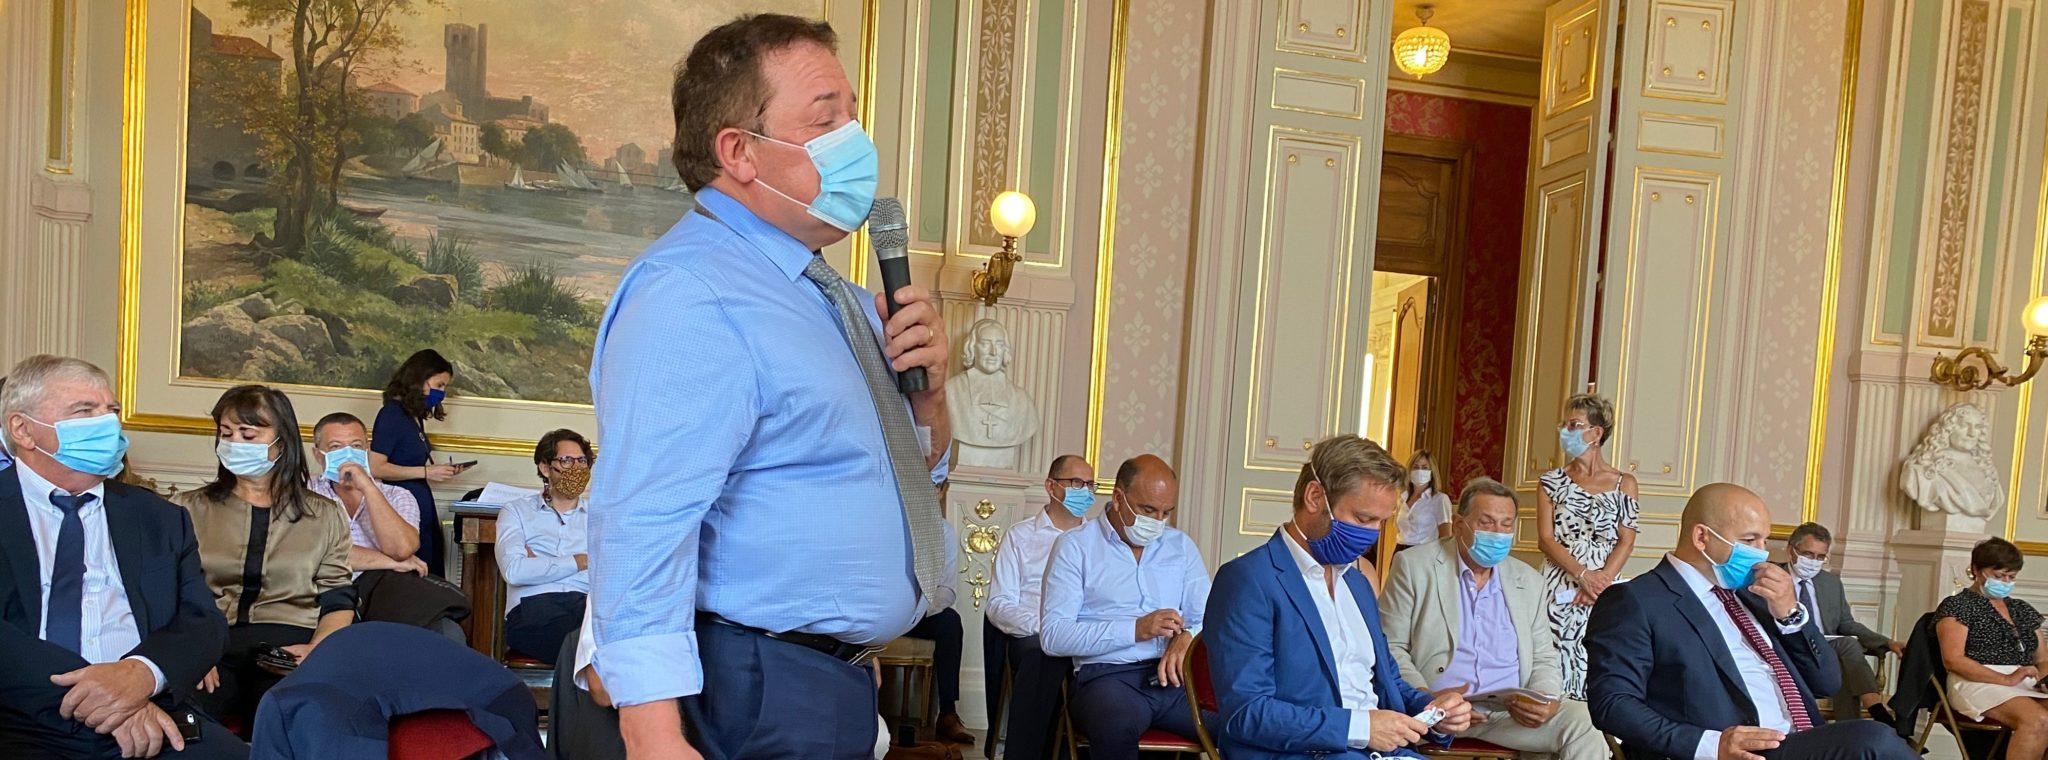 Alain GRISET, ministre délégué en charge des PME et TPE, rencontre les représentants de l'artisanat héraultais en préfecture